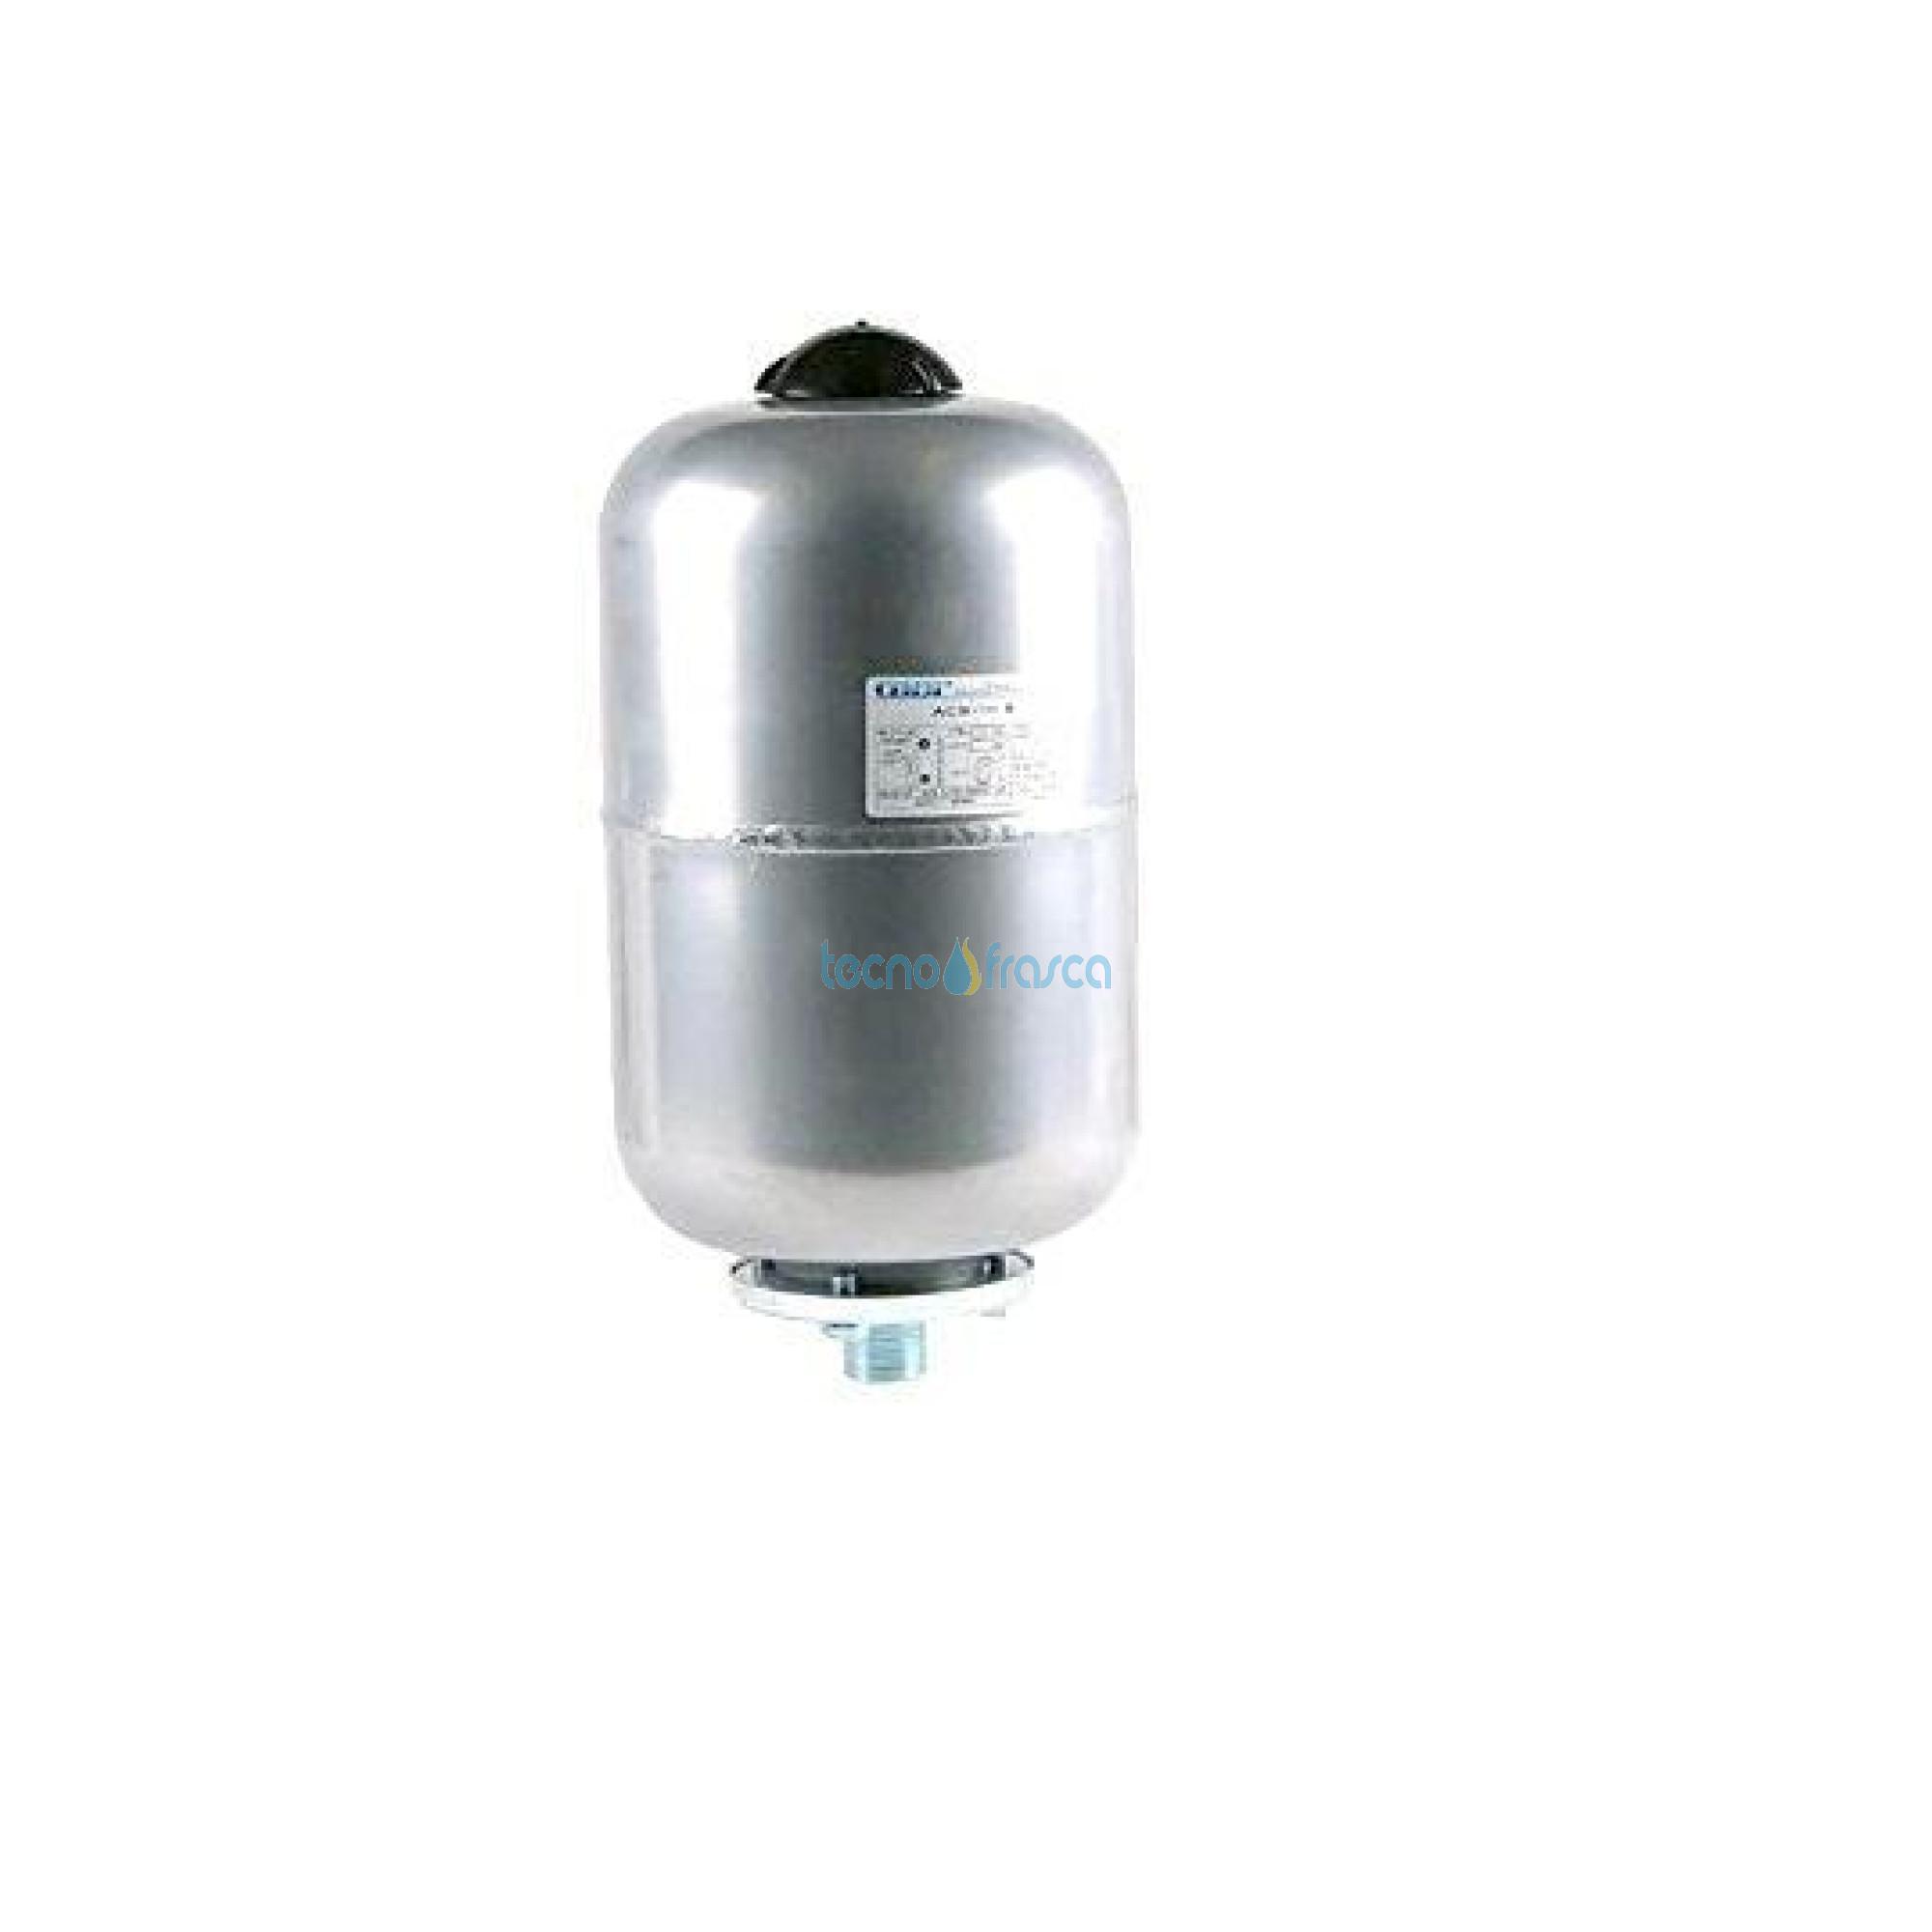 Immergas vaso di espansione lt 2 con membrana maggiorata 1.028607